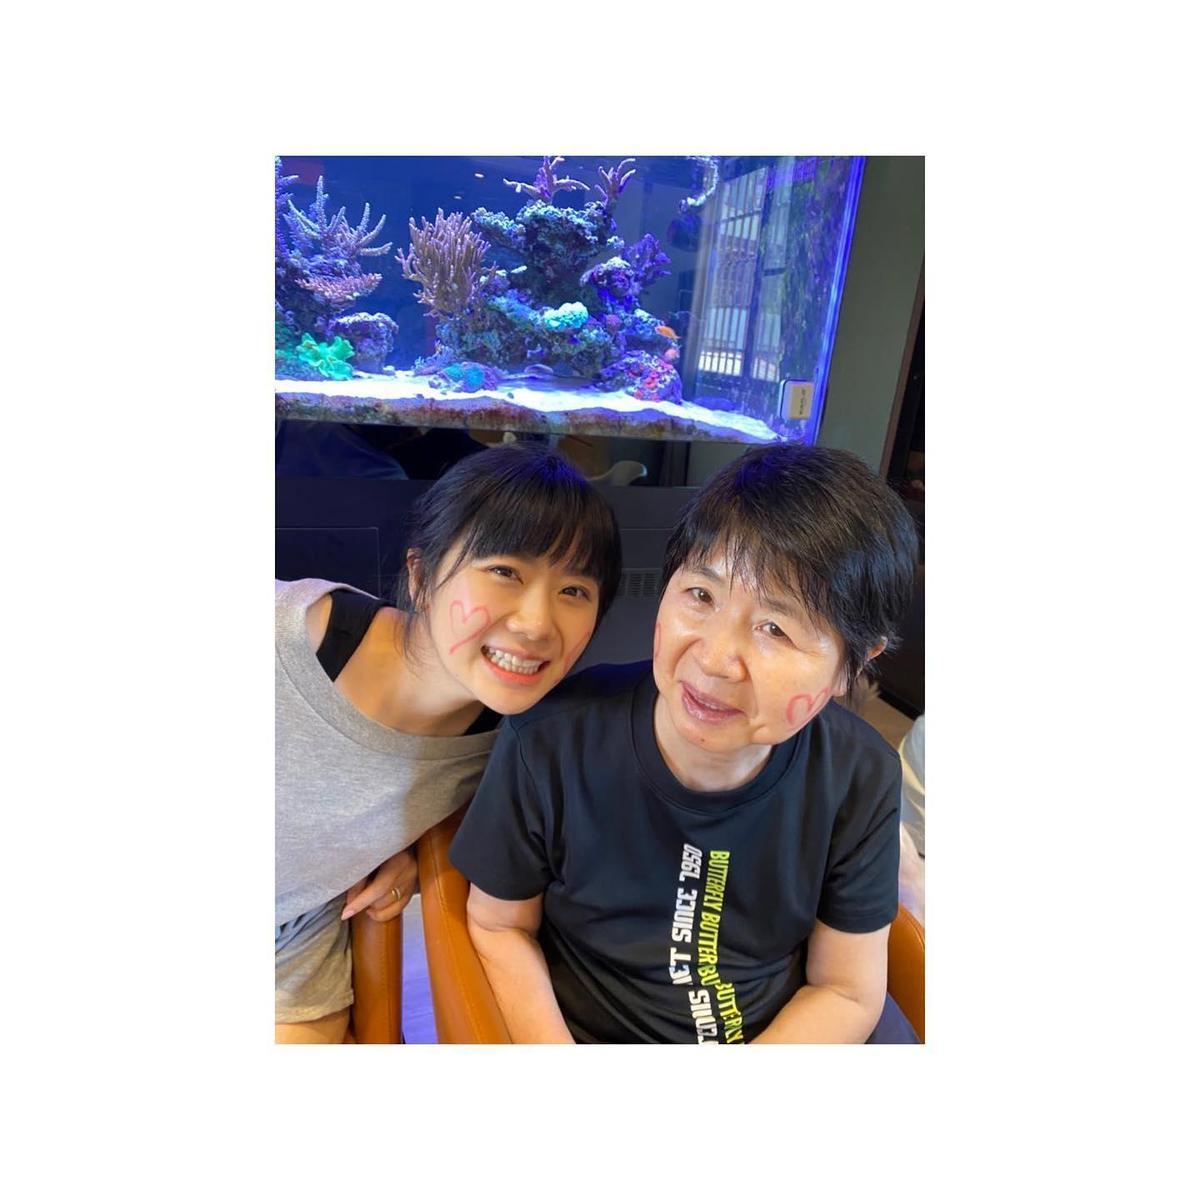 福原愛在臉書上PO出自己現在與和媽媽的合照,與童年的合照作對比。(翻攝福原愛臉書)